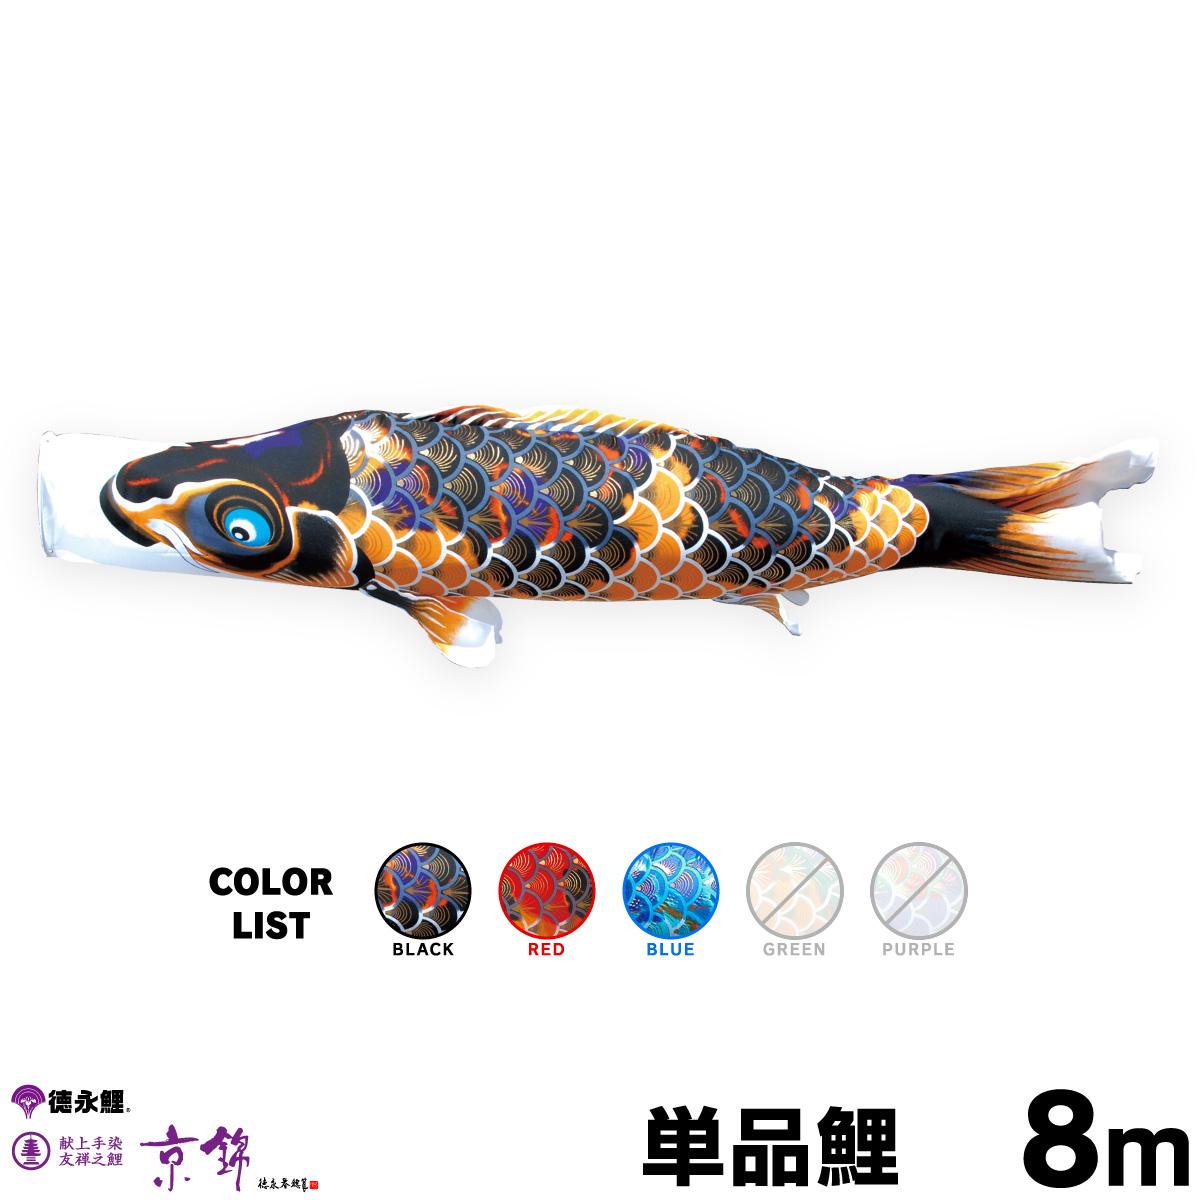 【こいのぼり 単品】 京錦 8m 単品鯉 黒 赤 青